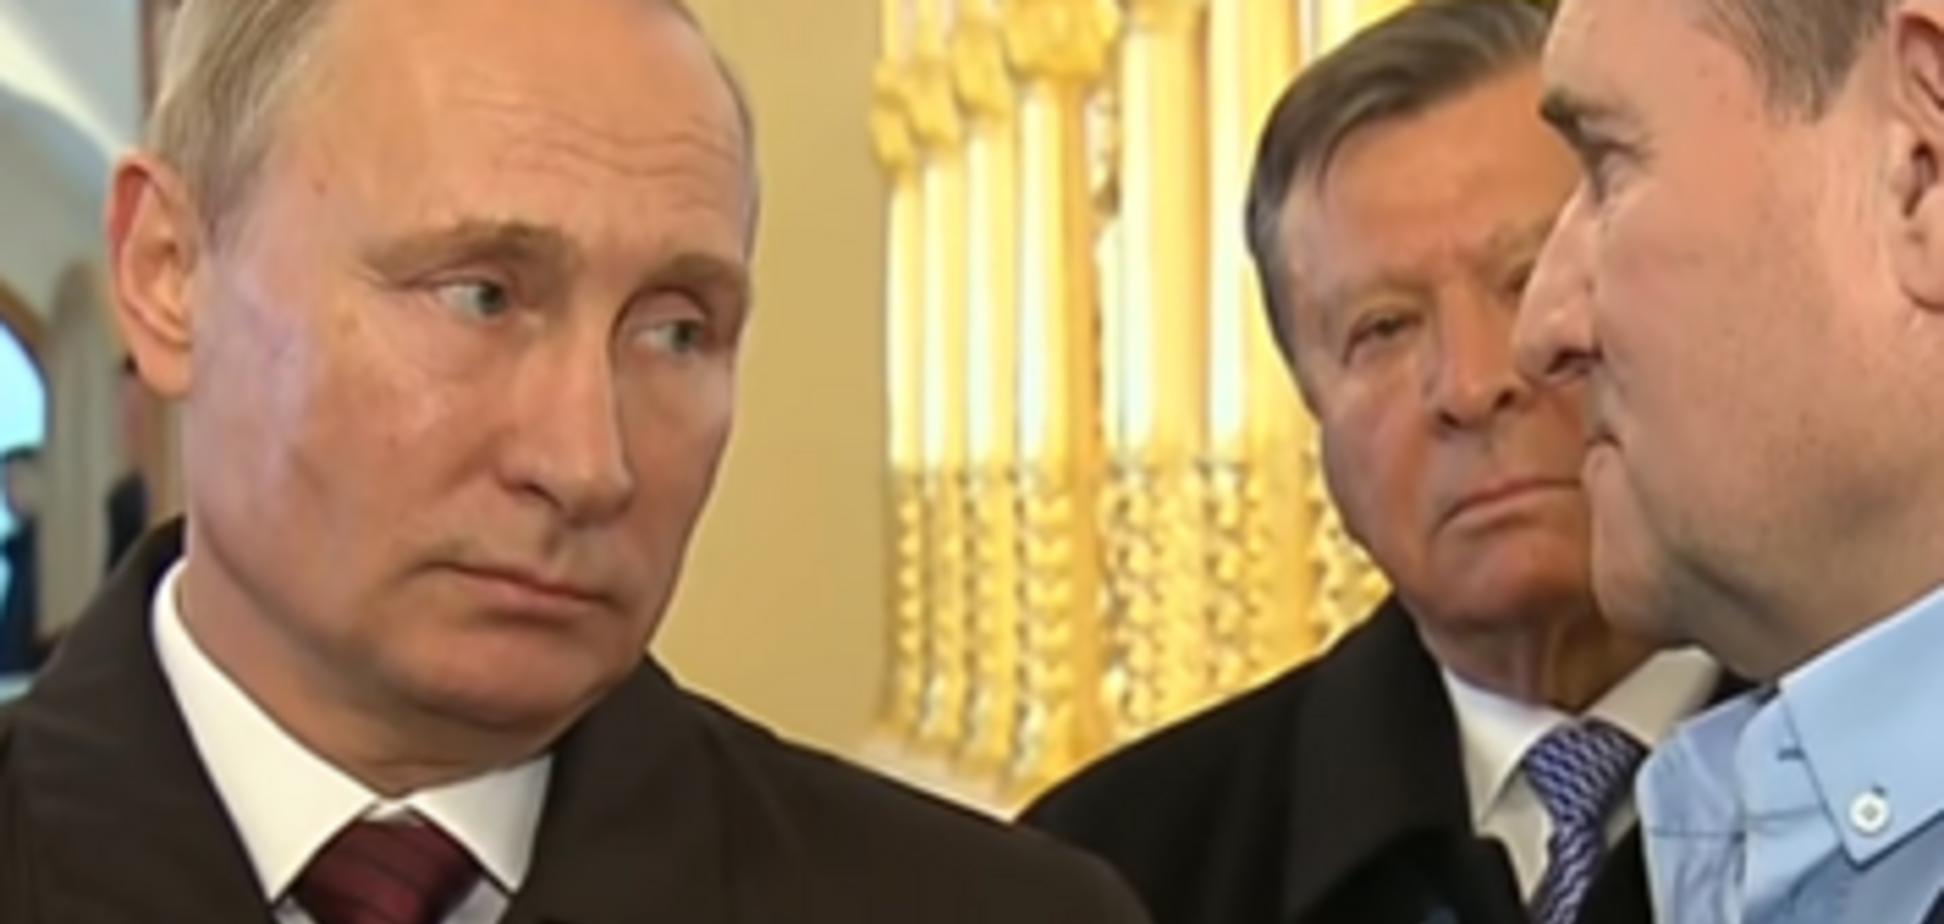 Переговоры с Путиным: у Медведчука озвучили сроки освобождения пленных